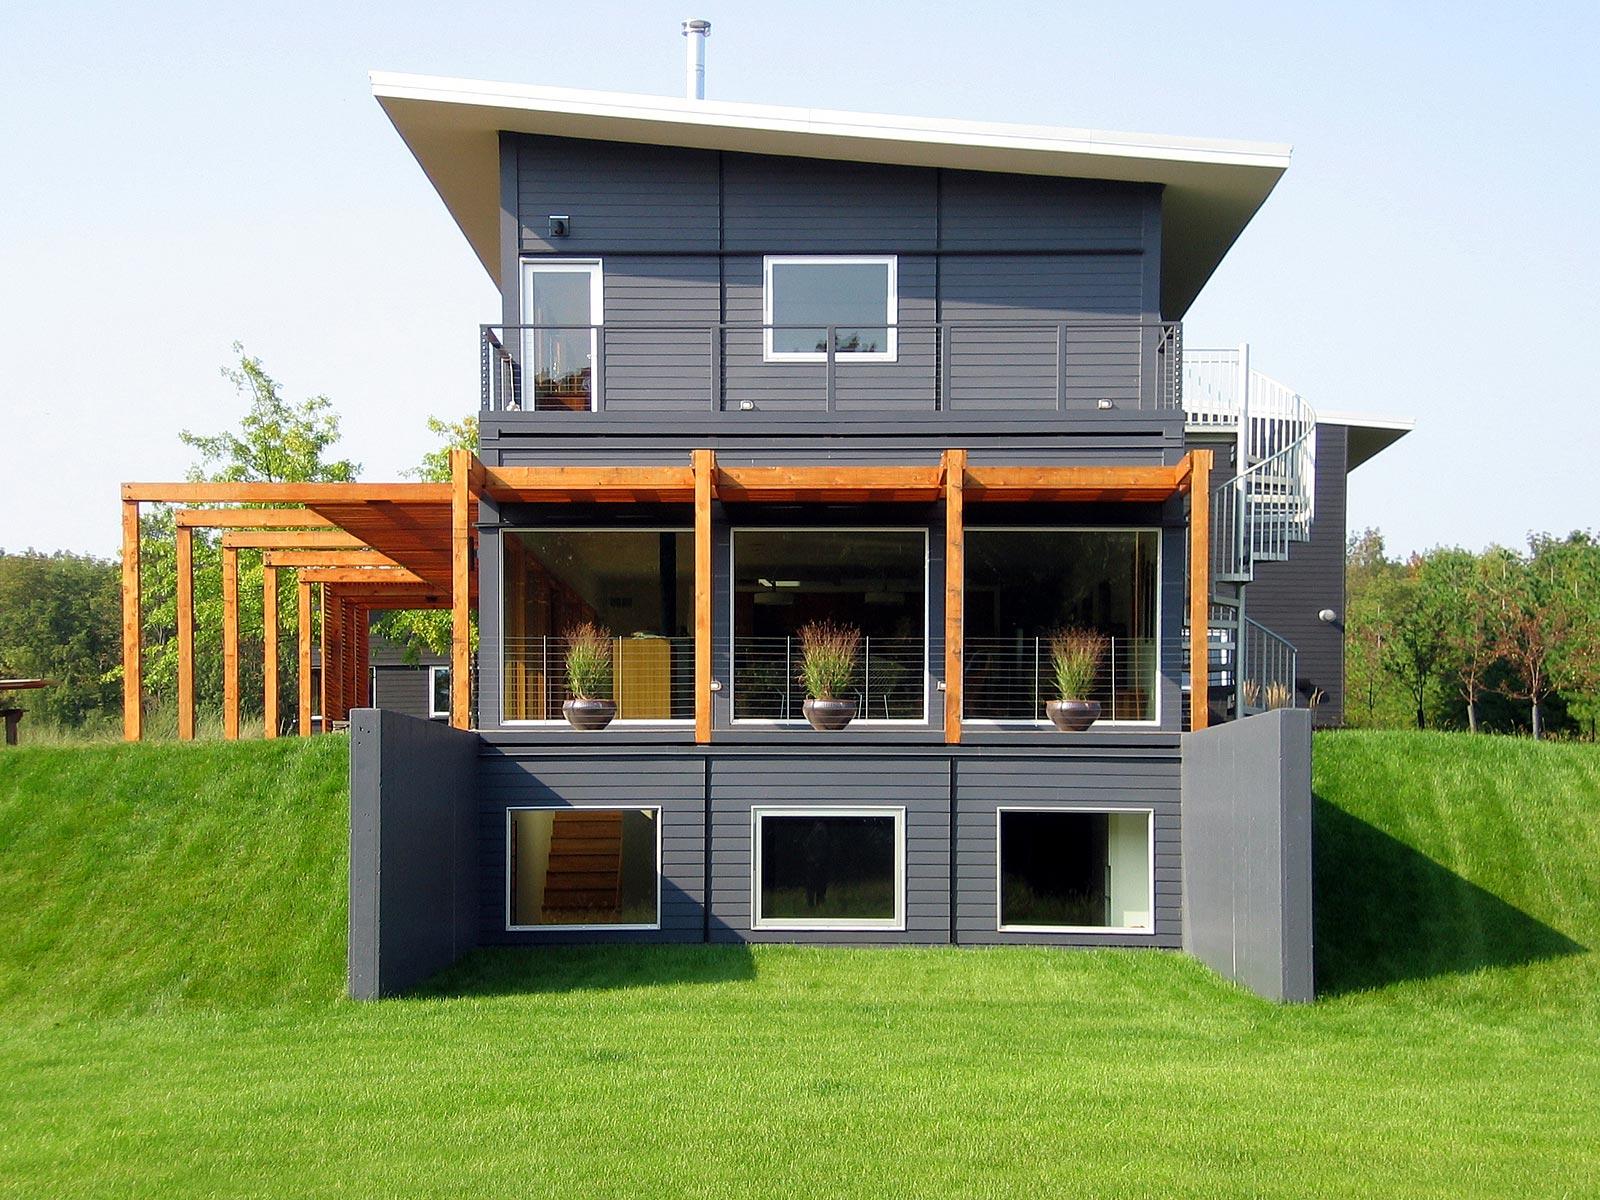 prairie-house-number2-Altus-adj_20060908_012.jpg